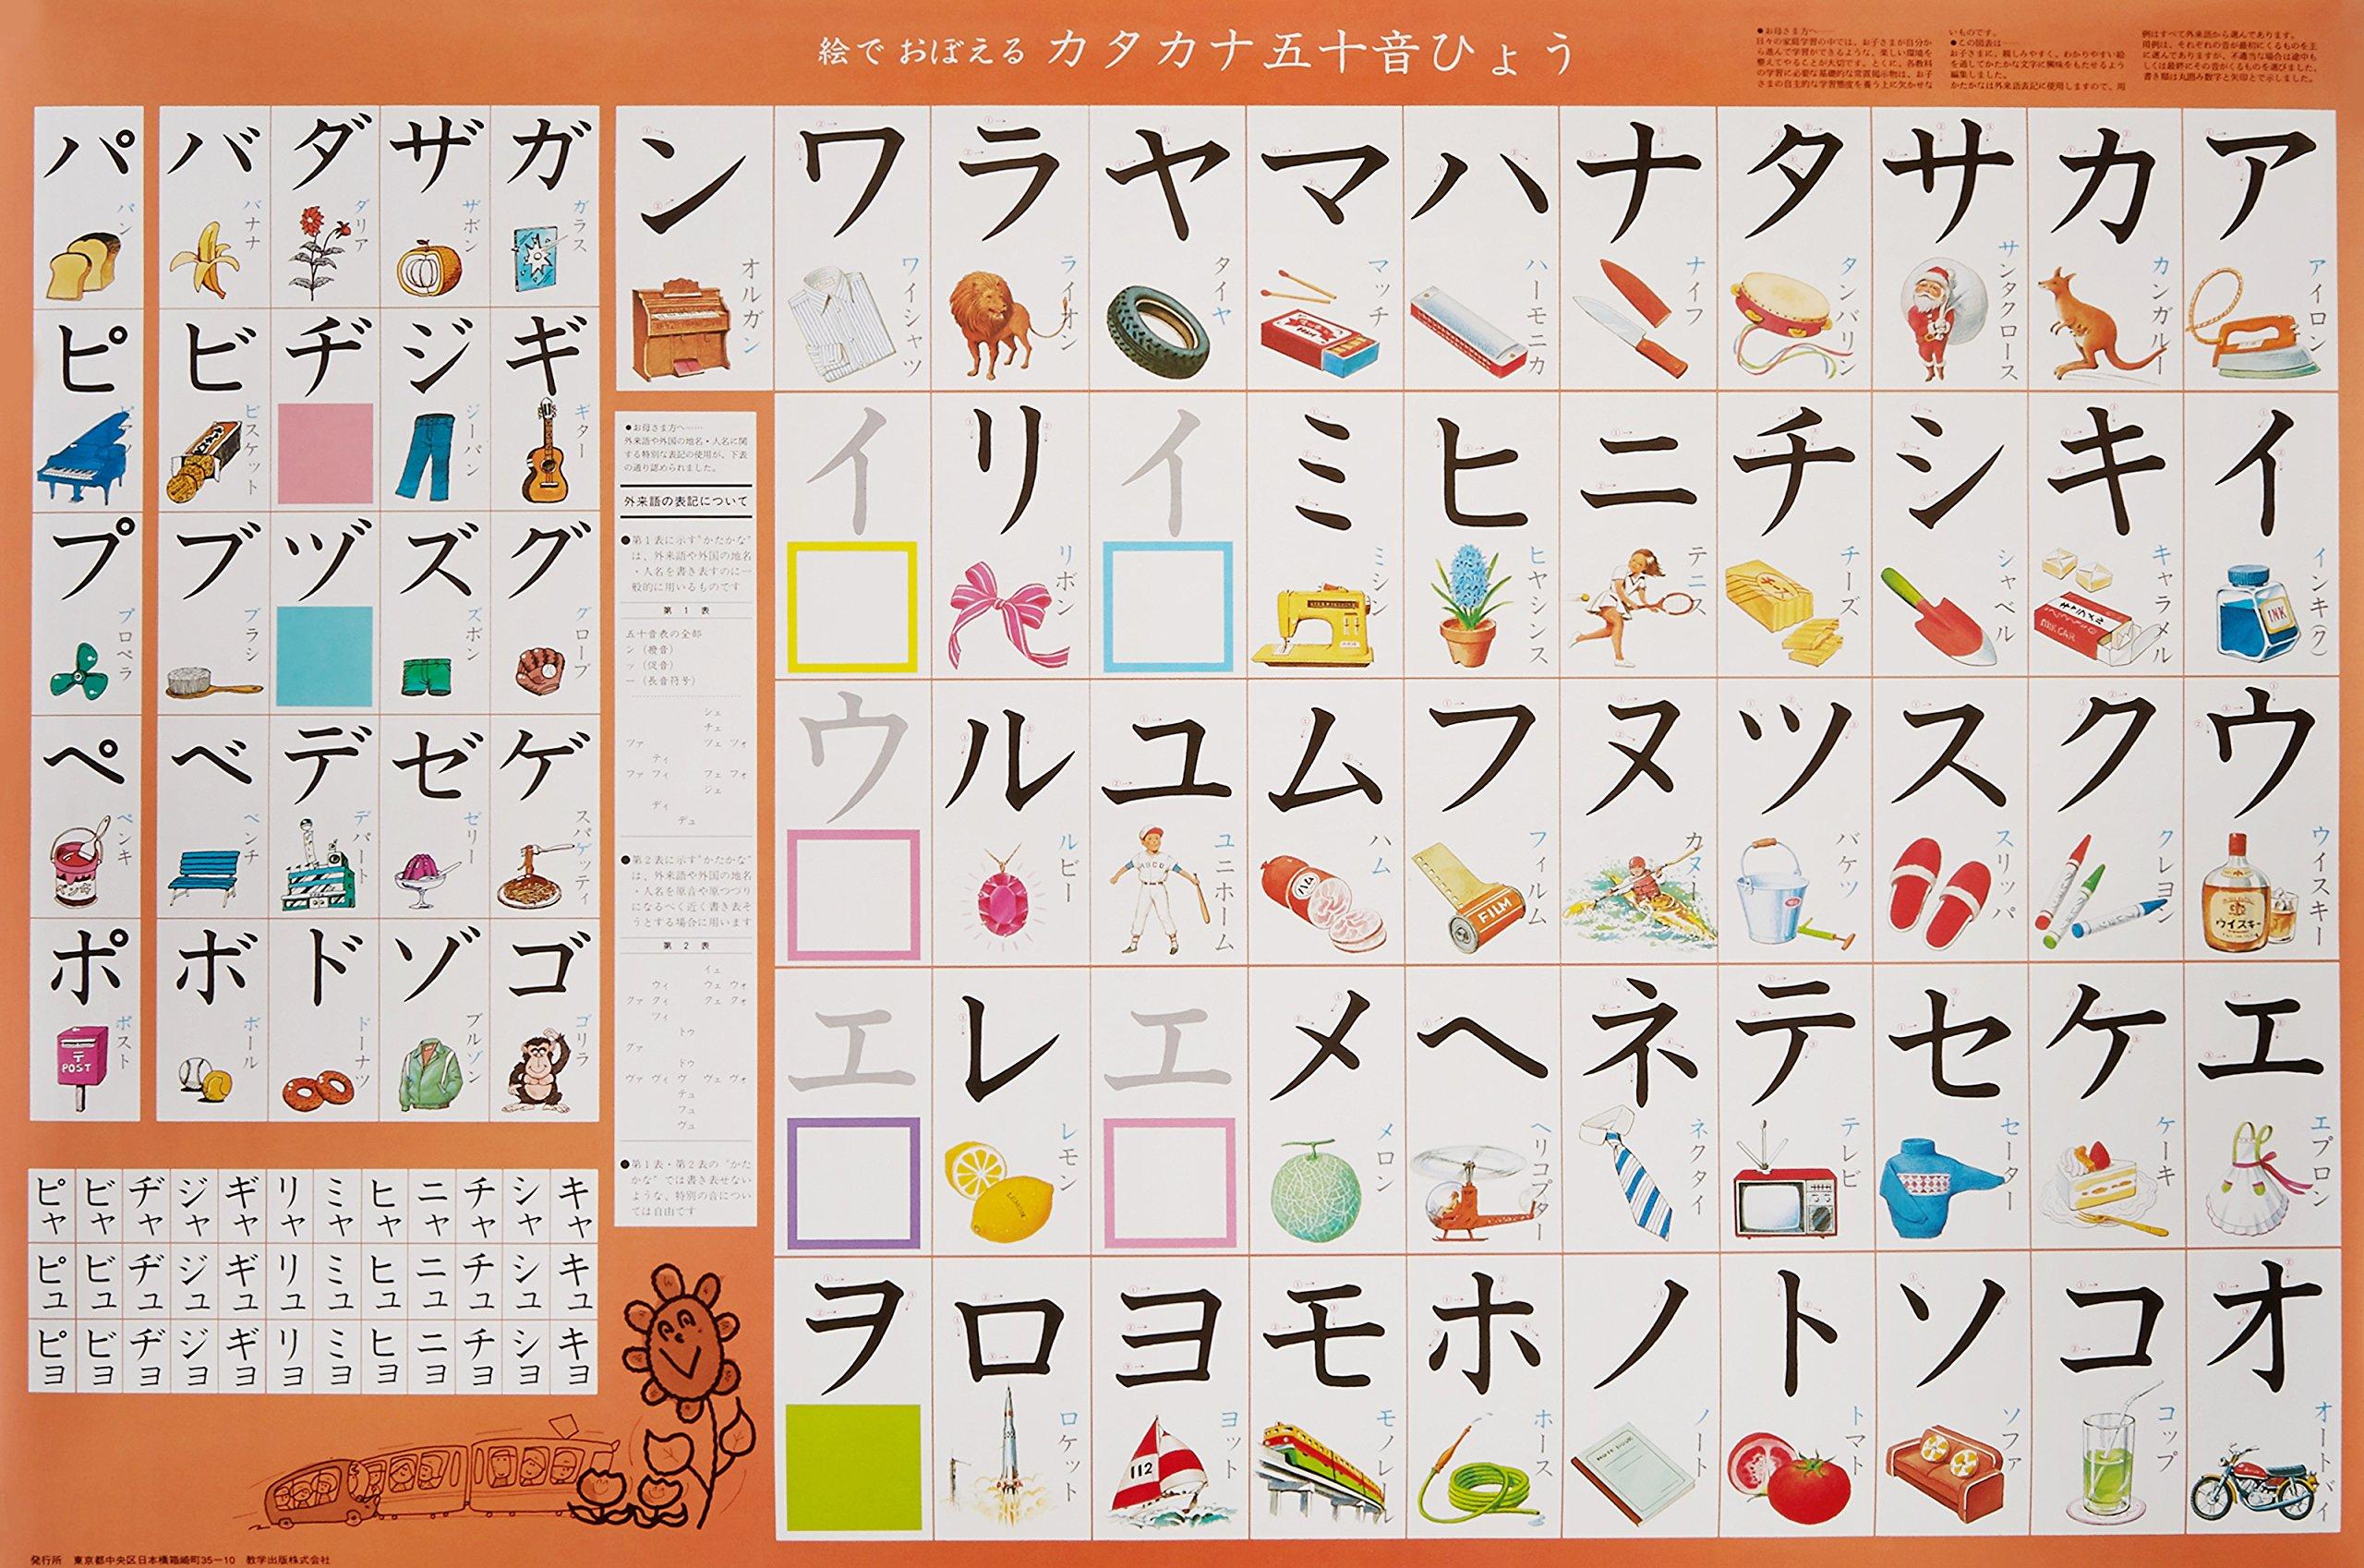 カタカナ五十音表 幼児用図表シリーズ 本 通販 Amazon